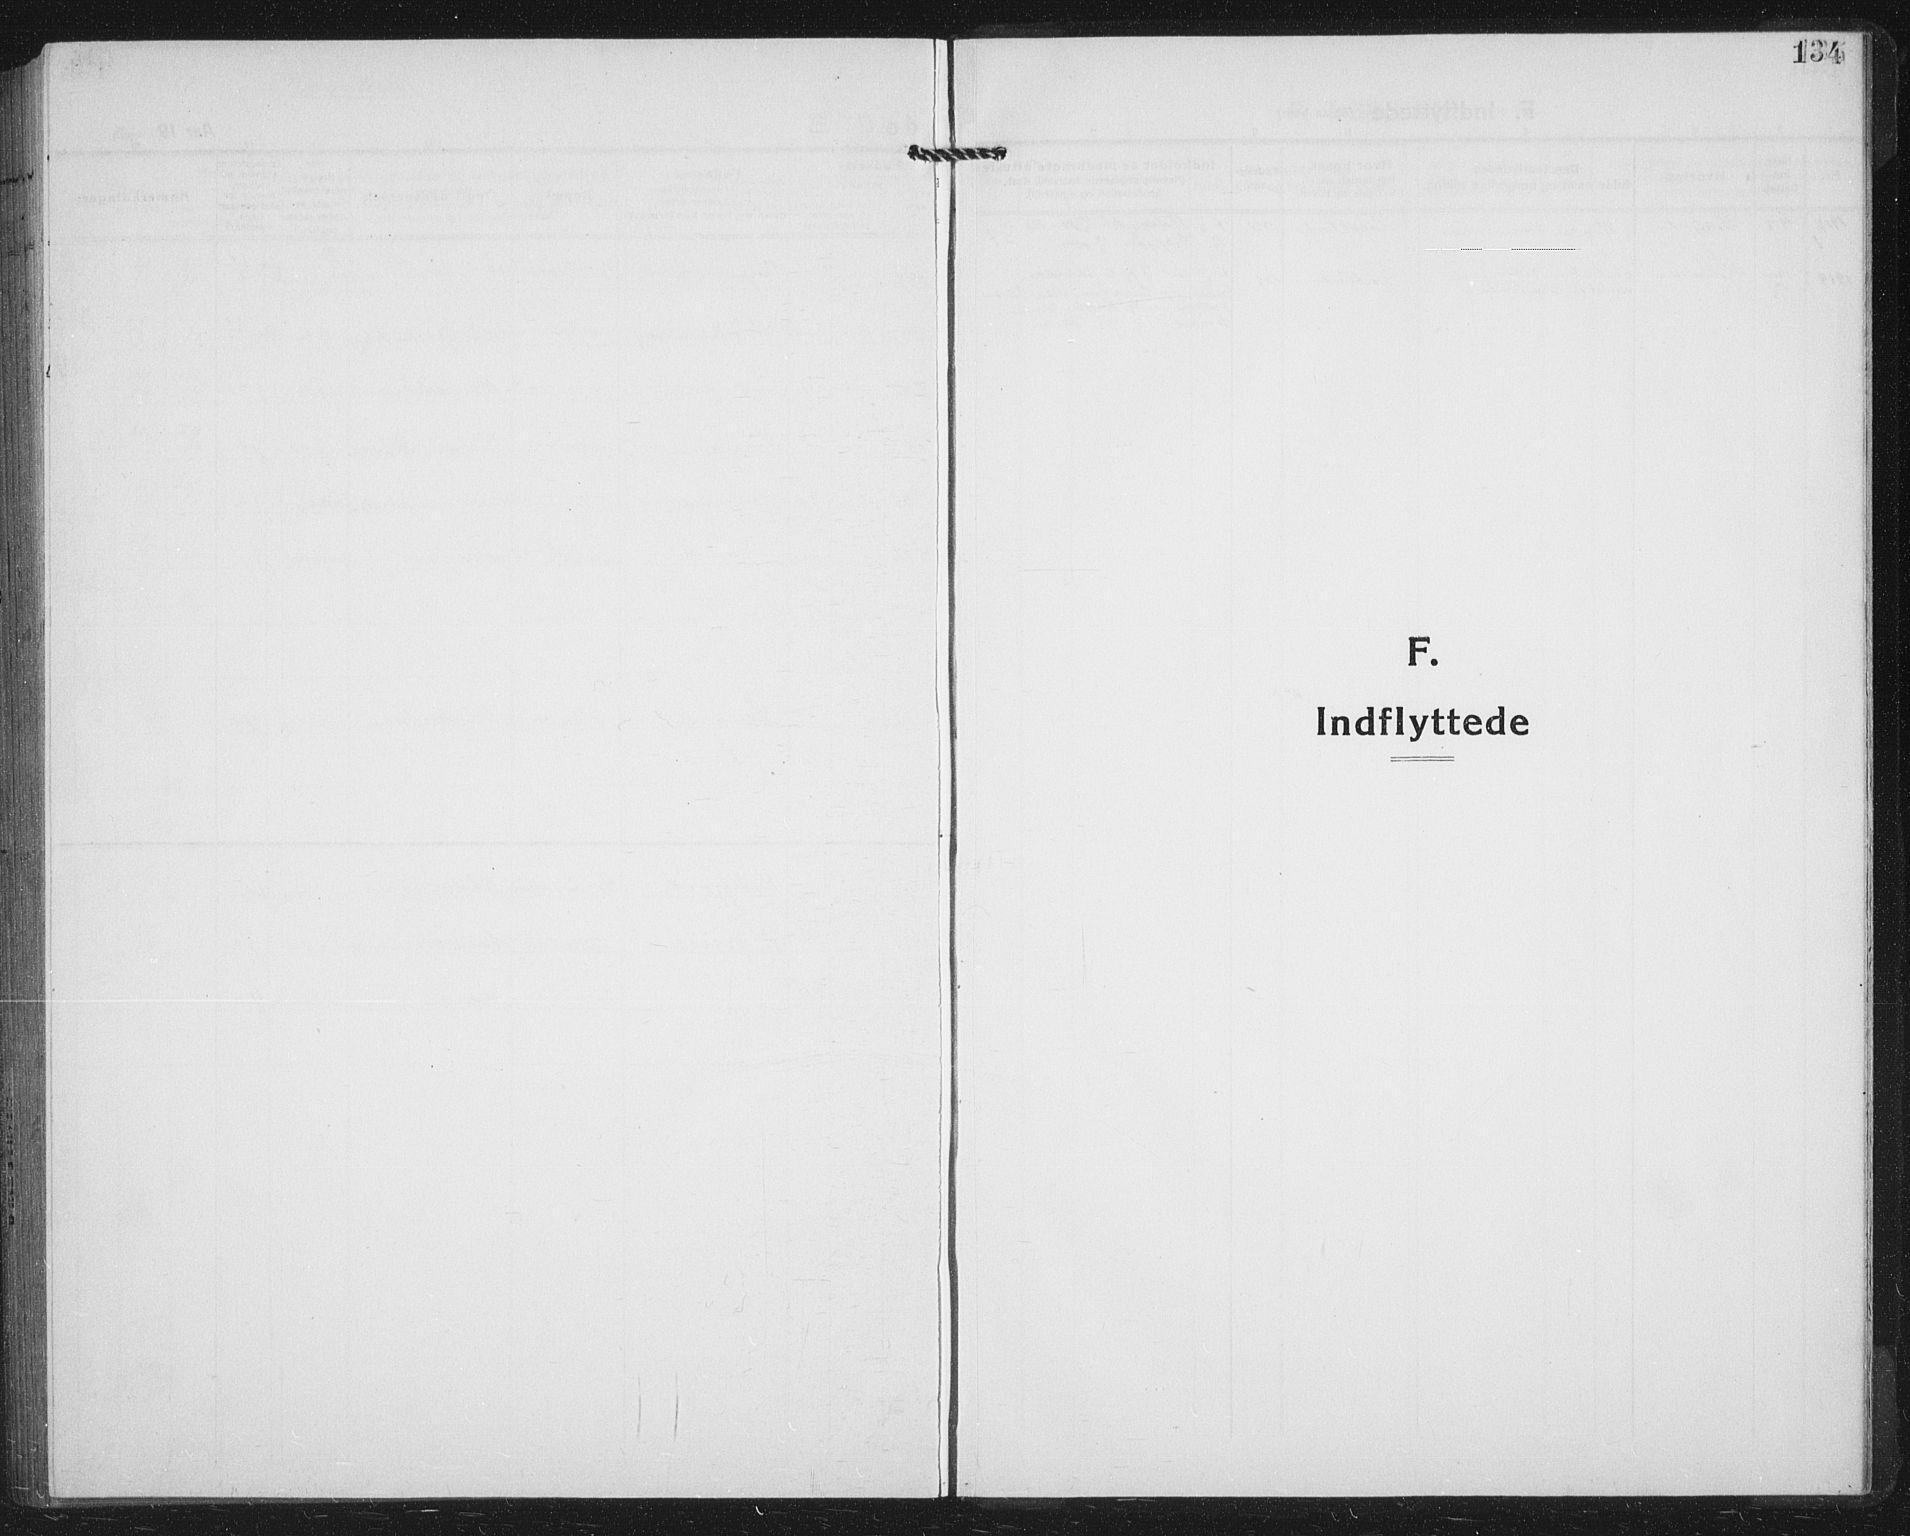 SATØ, Lenvik sokneprestembete, H/Ha/Hab/L0023klokker: Klokkerbok nr. 23, 1918-1936, s. 134